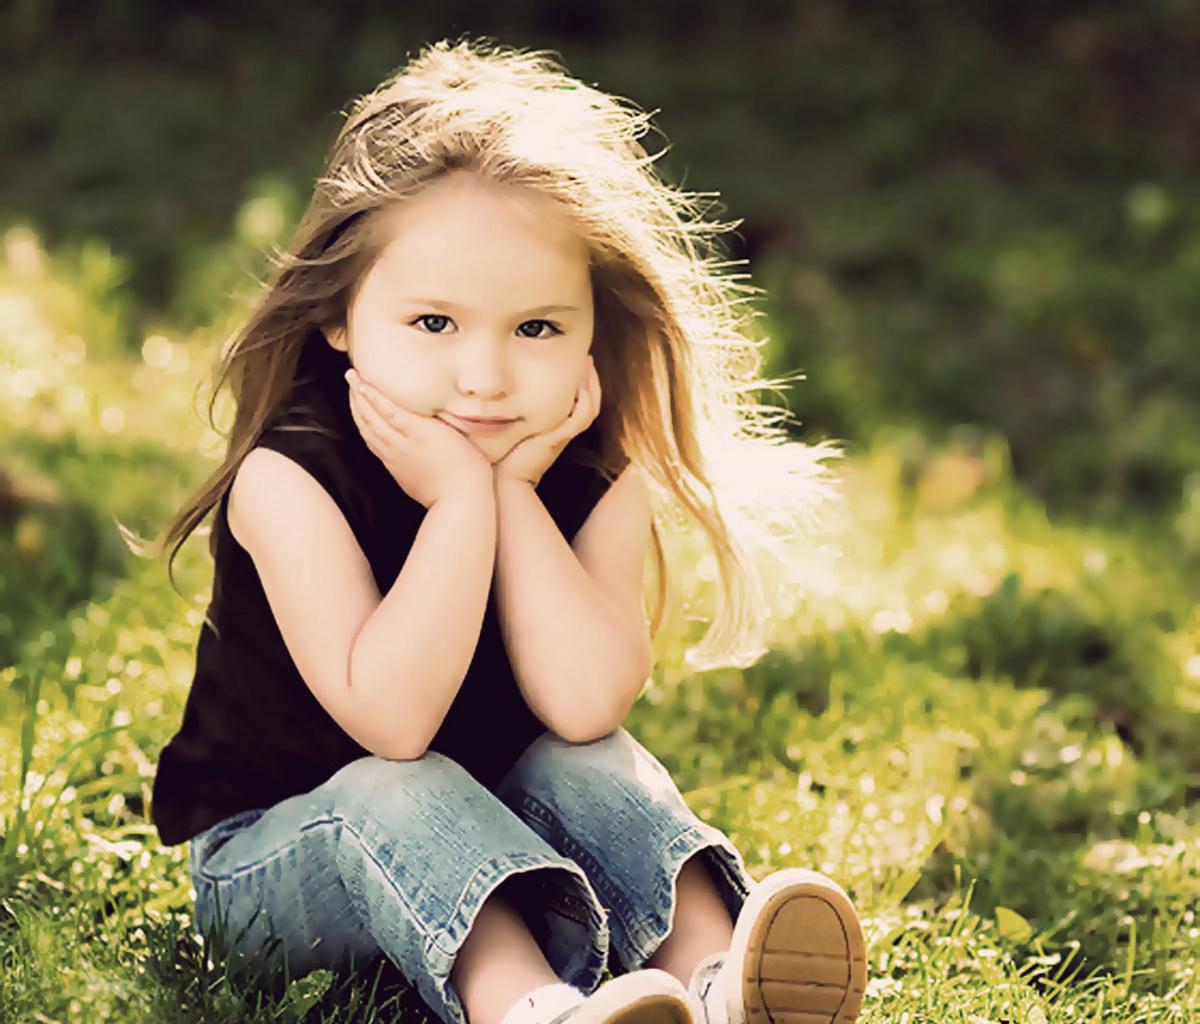 http://3.bp.blogspot.com/-dSlkrHLeXtU/UBiv6mnNF5I/AAAAAAAACgY/cqrLxxs1__A/s1600/sweet_lady-other.jpg